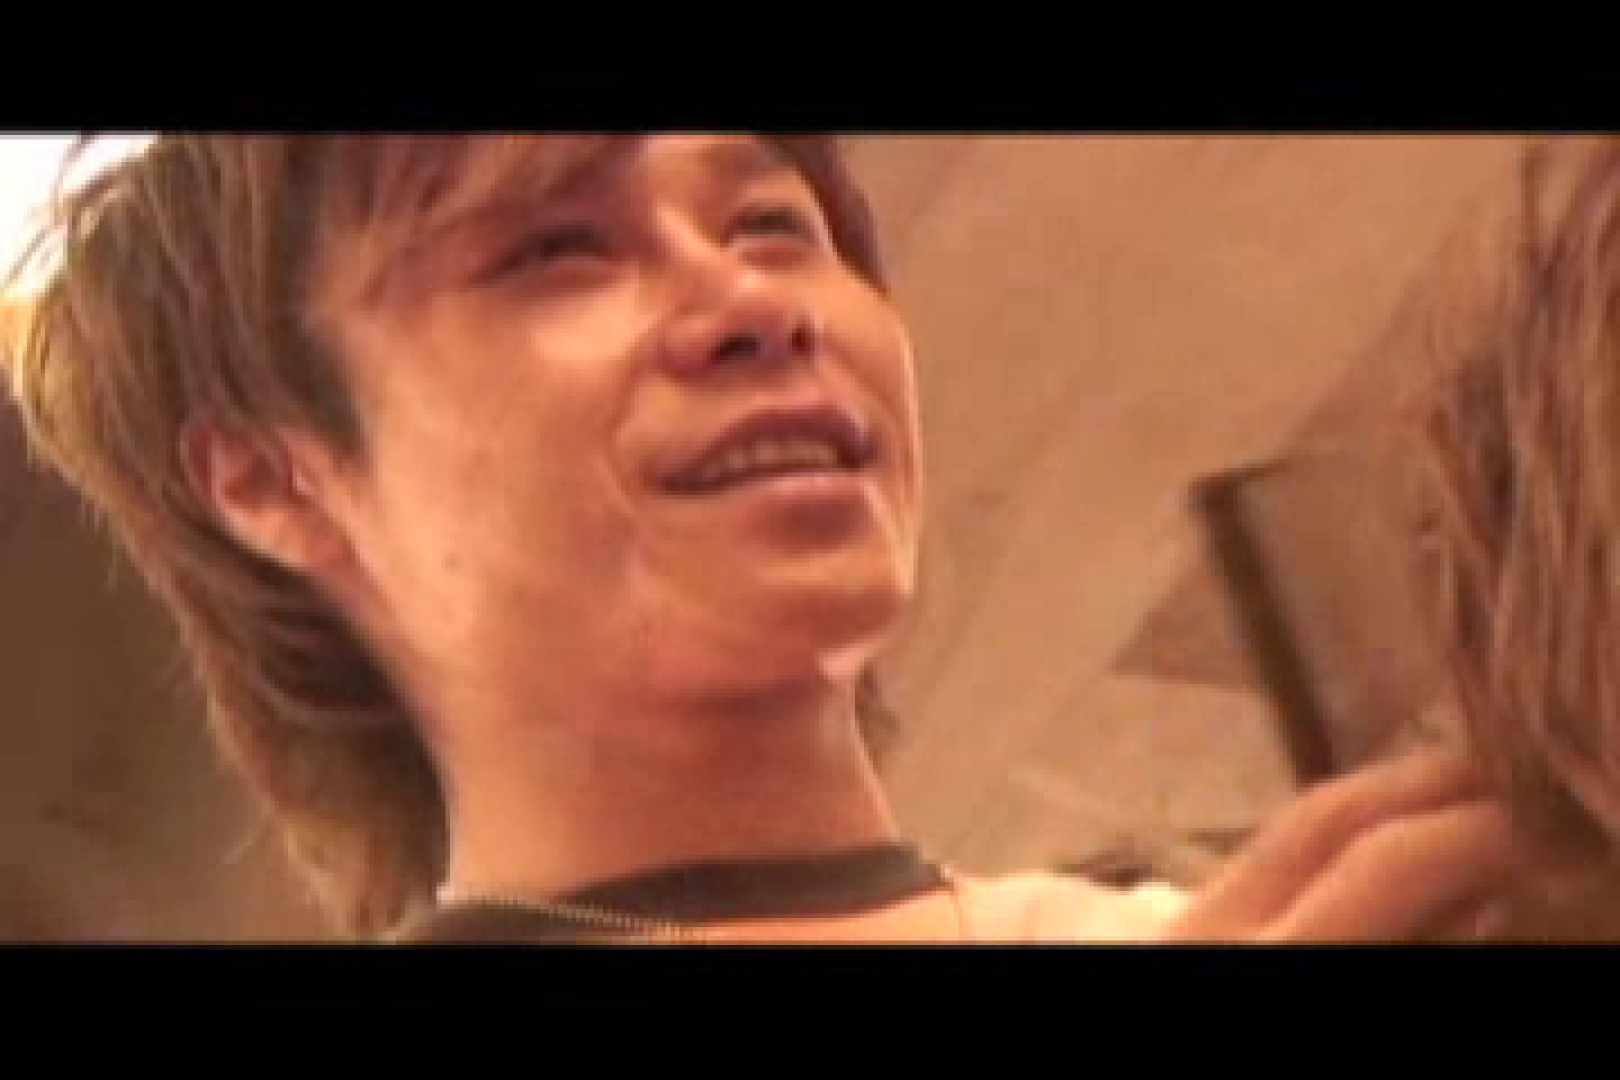 イケメン,s VOL.6 アナル天国 | イケメン ゲイ発射もろ画像 7連発 1